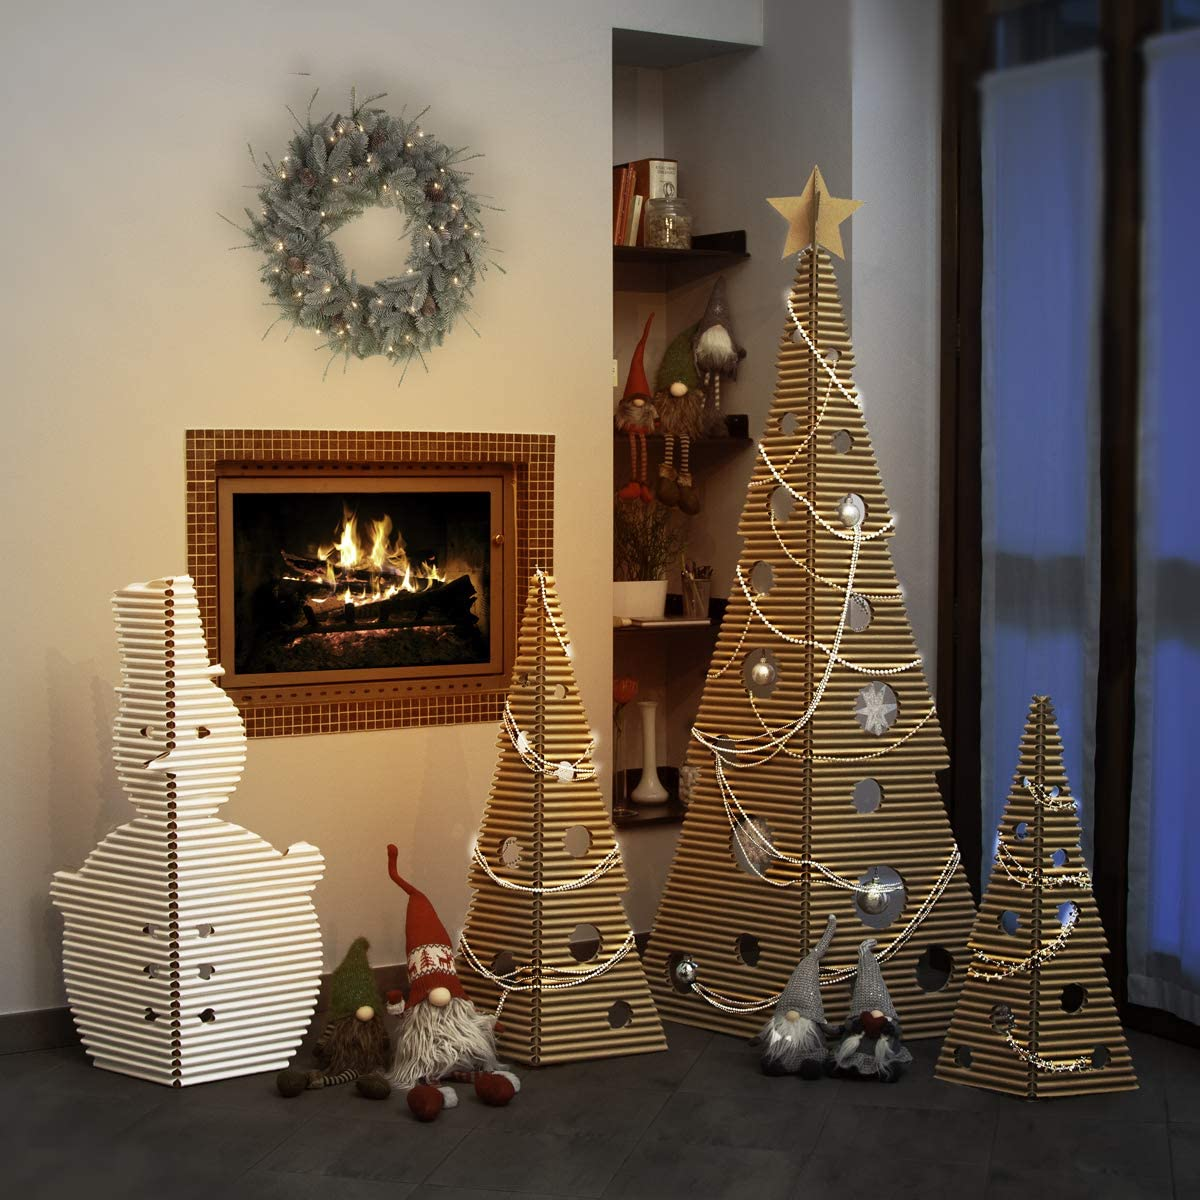 Altezza albero grande: 1.6m albero piccolo: 74,5cm pupazzo di neve: 92cm Colore Bianco albero medio: 95,5cm Set Natale di cArt/ù /è composto da 3 alberi una stella ed un pupazzo di neve in cArt/ù